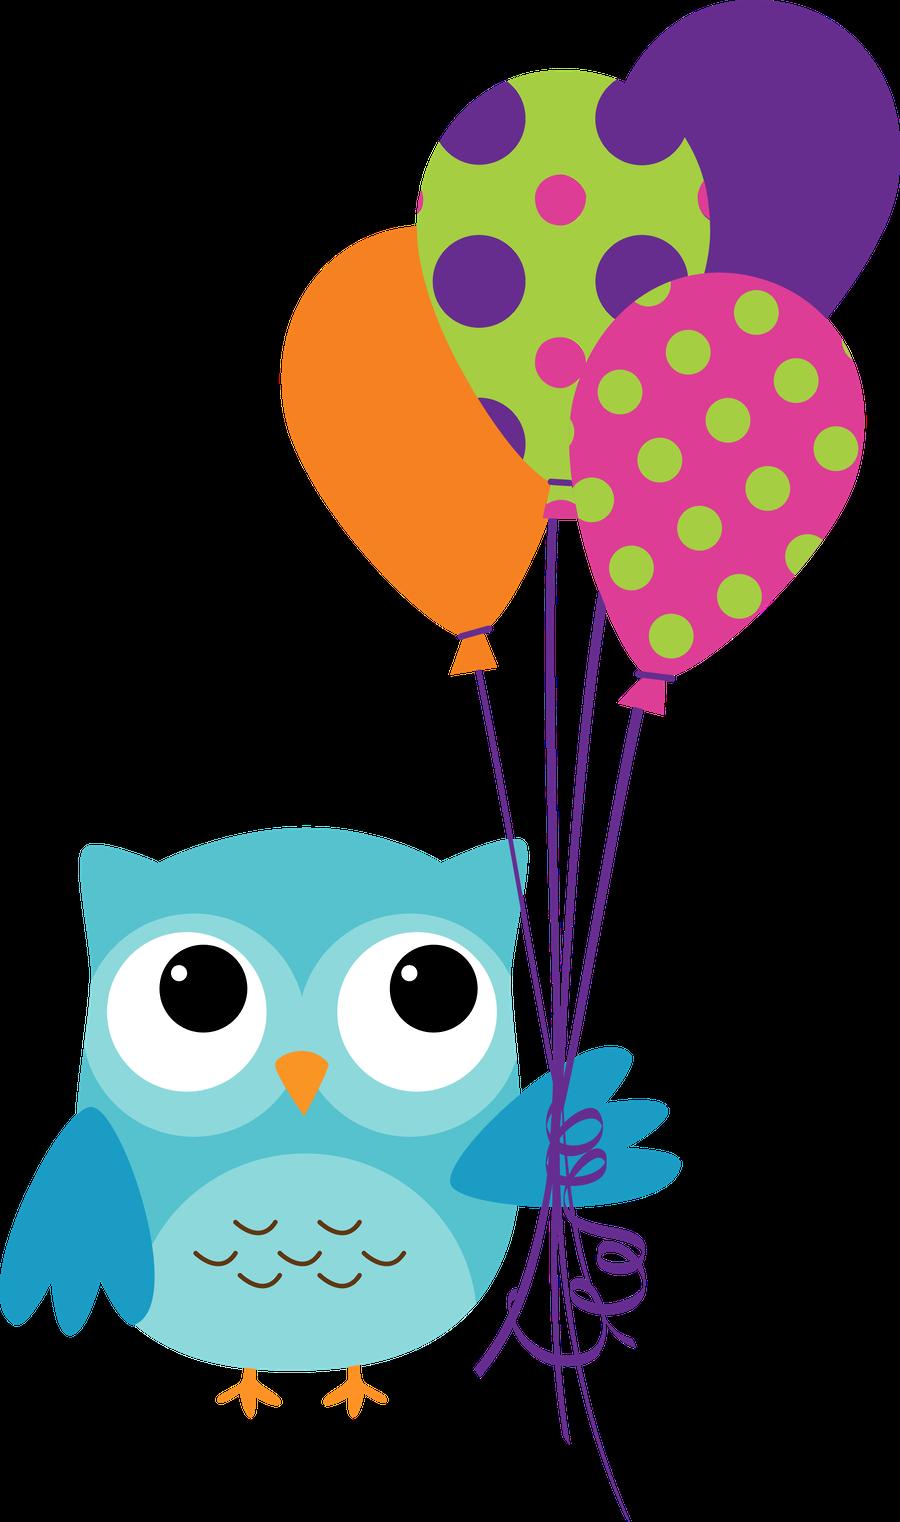 Corujas 3 - Minus | inspirações para festas -corujas ...